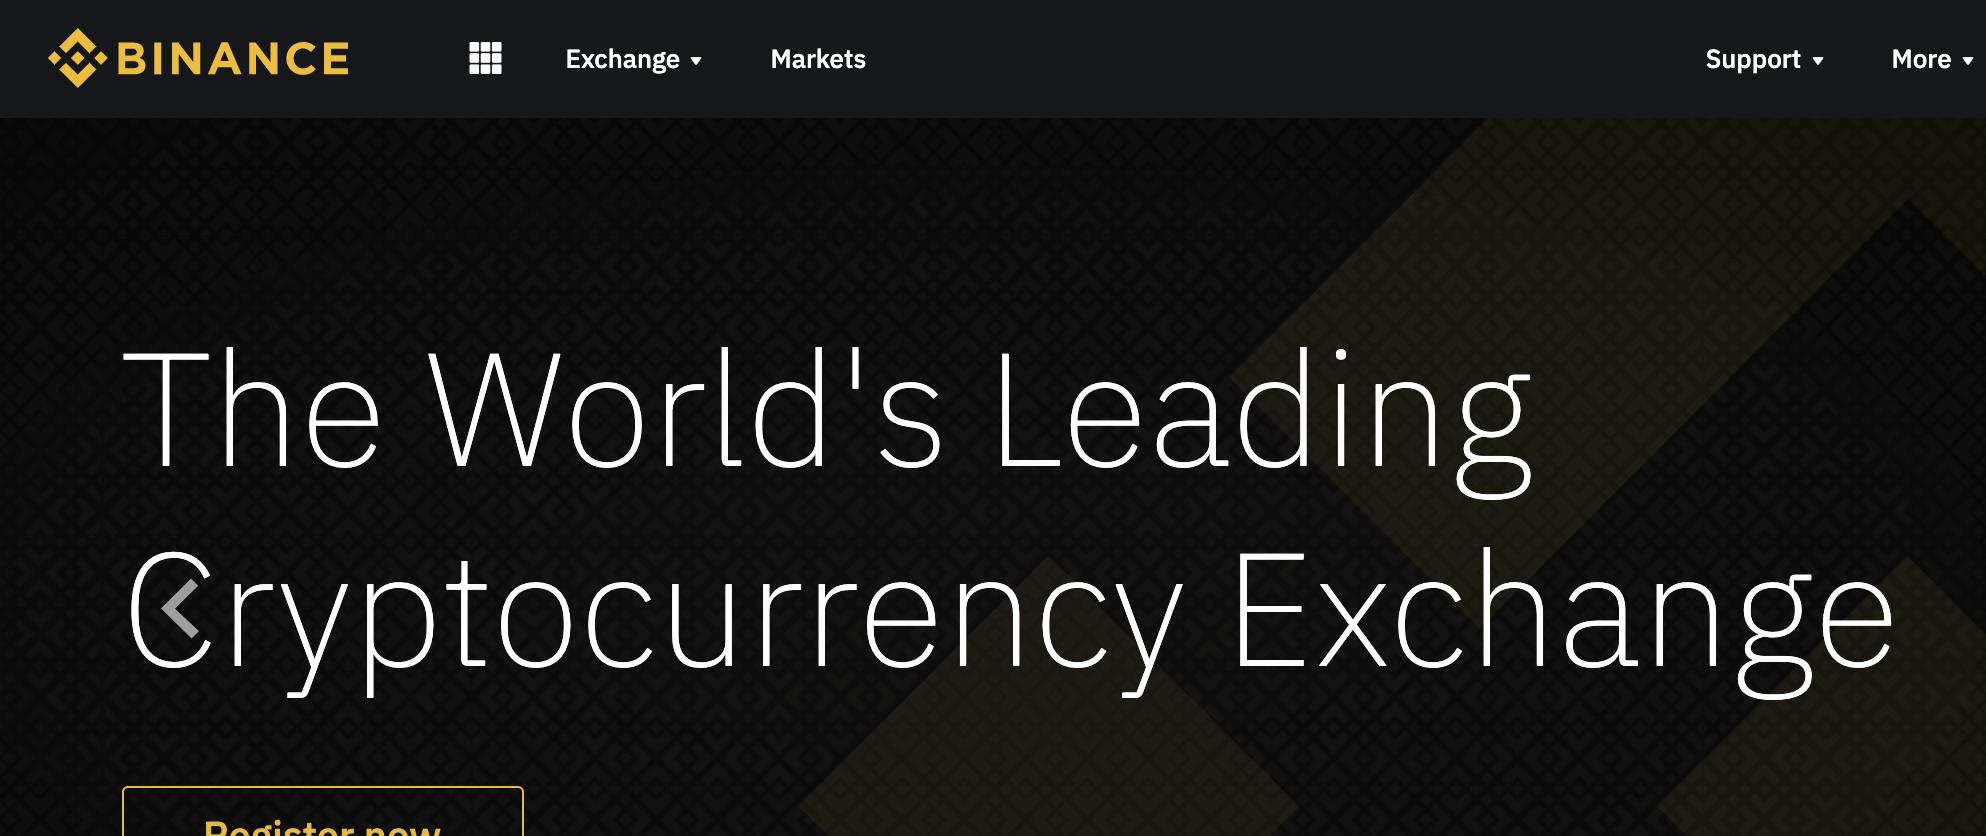 暗号資産取引のGMOコイン:2020年12月の暗号資産(仮想通貨)取引ランキングをご紹介